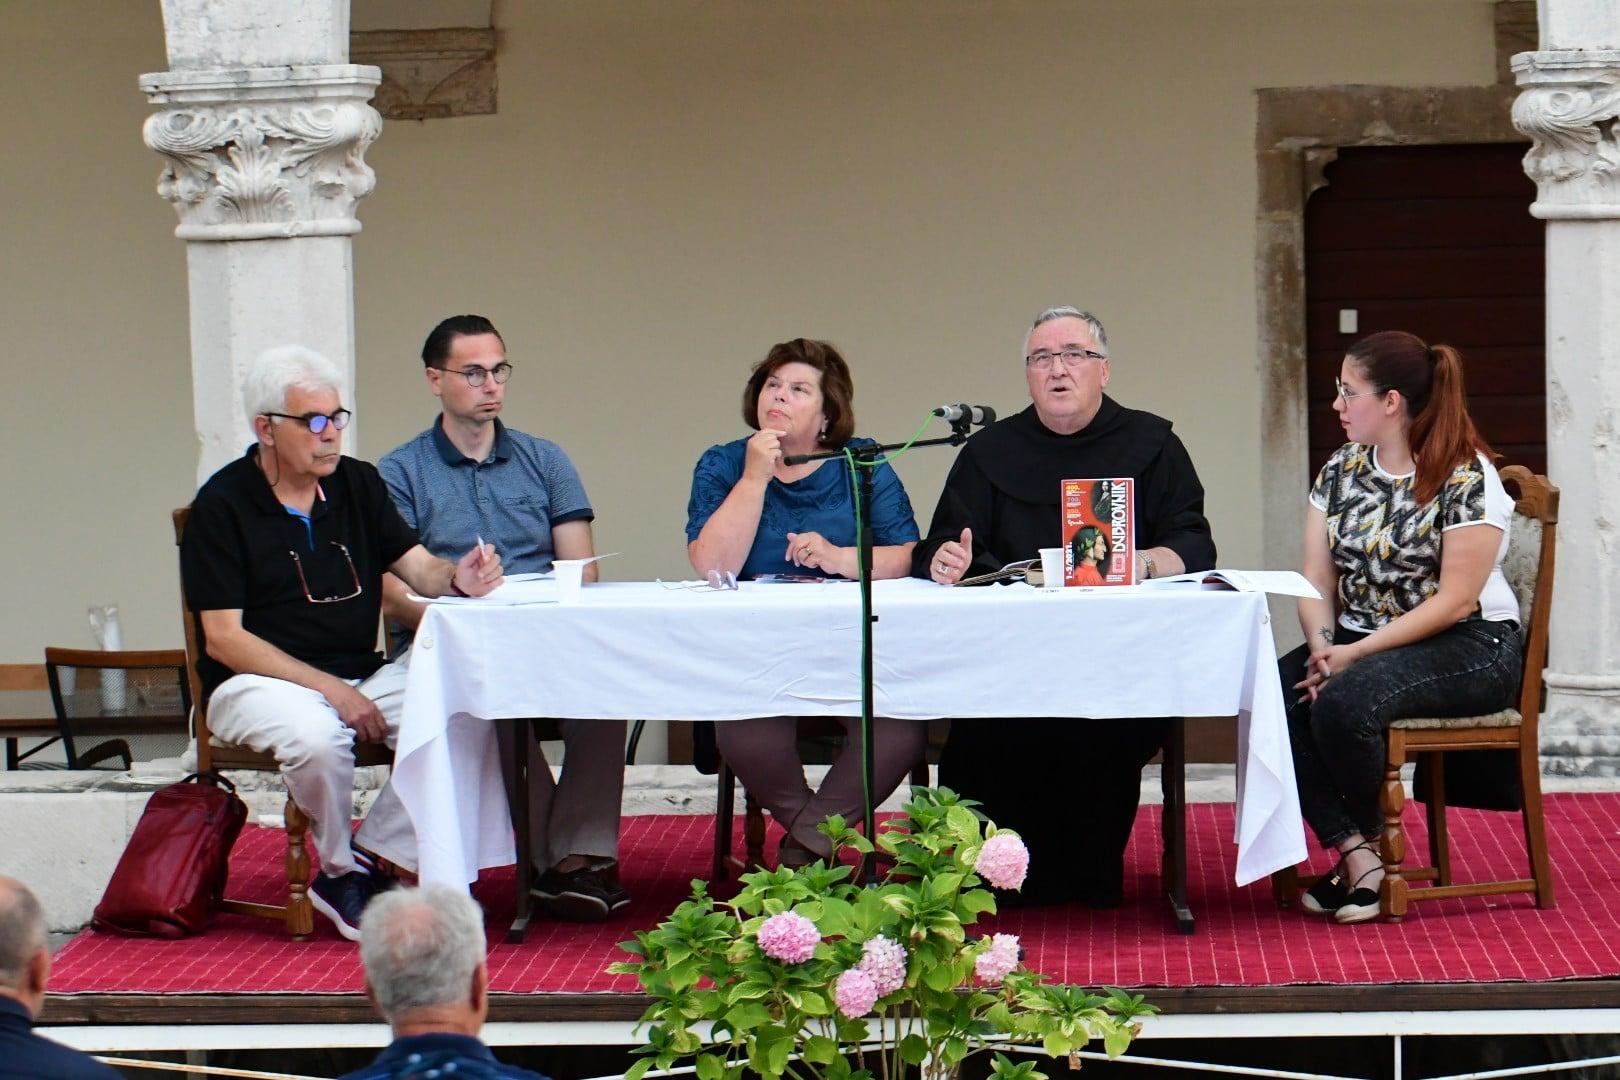 Predstavljanje časopisa Dubrovnik 1-2/2021. održat će se u četvrtak, 1. srpnja 2021., u 20 sati u klaustru Franjevačkog samostana u Rožatu